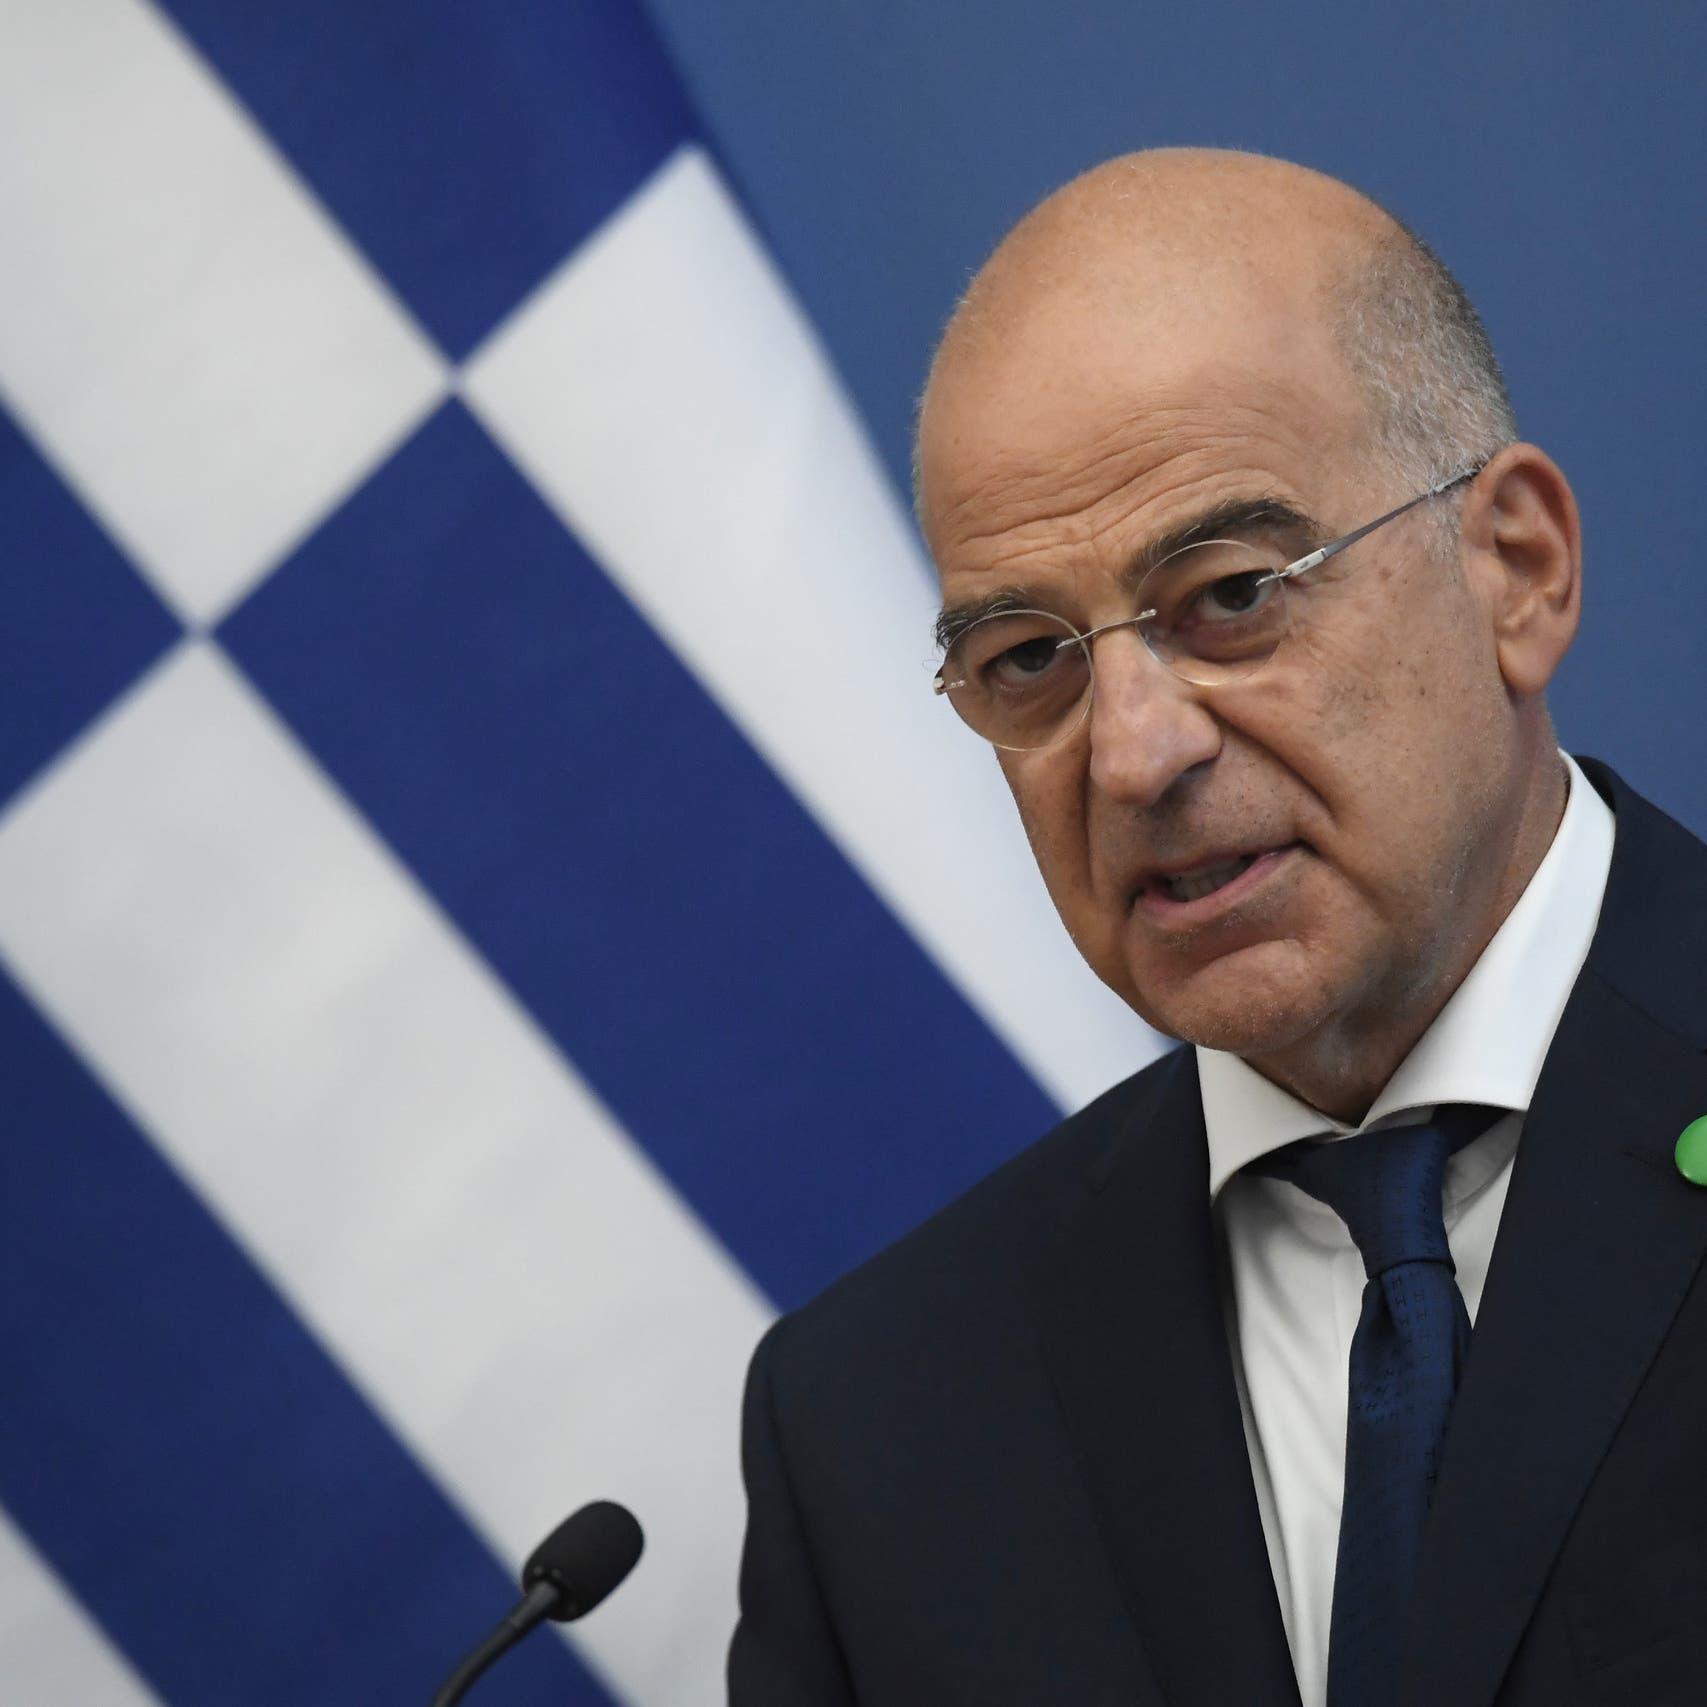 وزير خارجية اليونان: تركيا عامل عدم استقرار في المنطقة